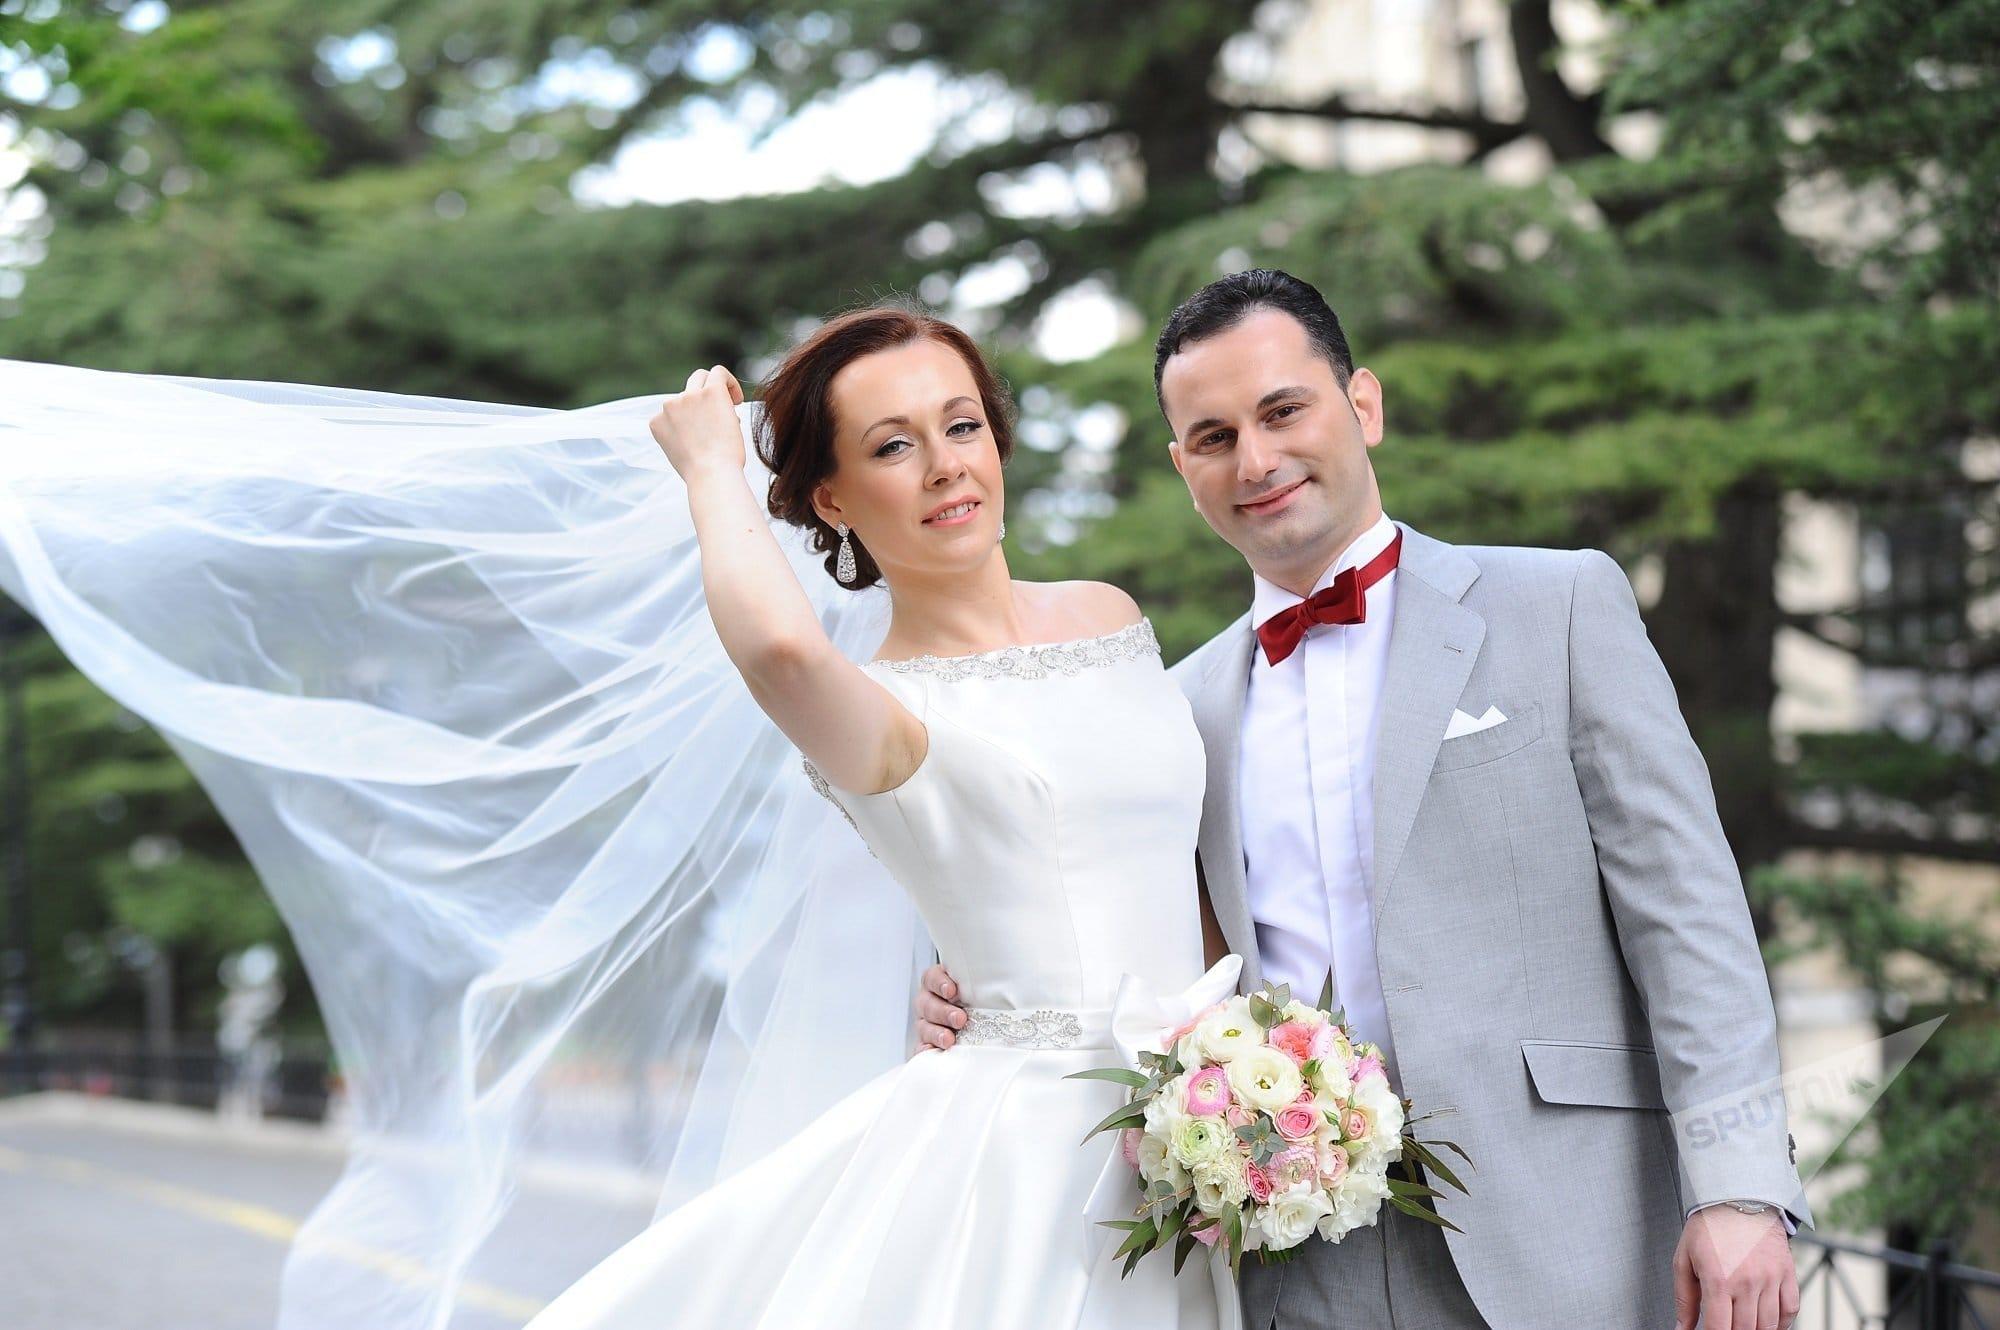 Свадьба в Грузии - жители Израиля приехали в Тбилиси сыграть свадьбу